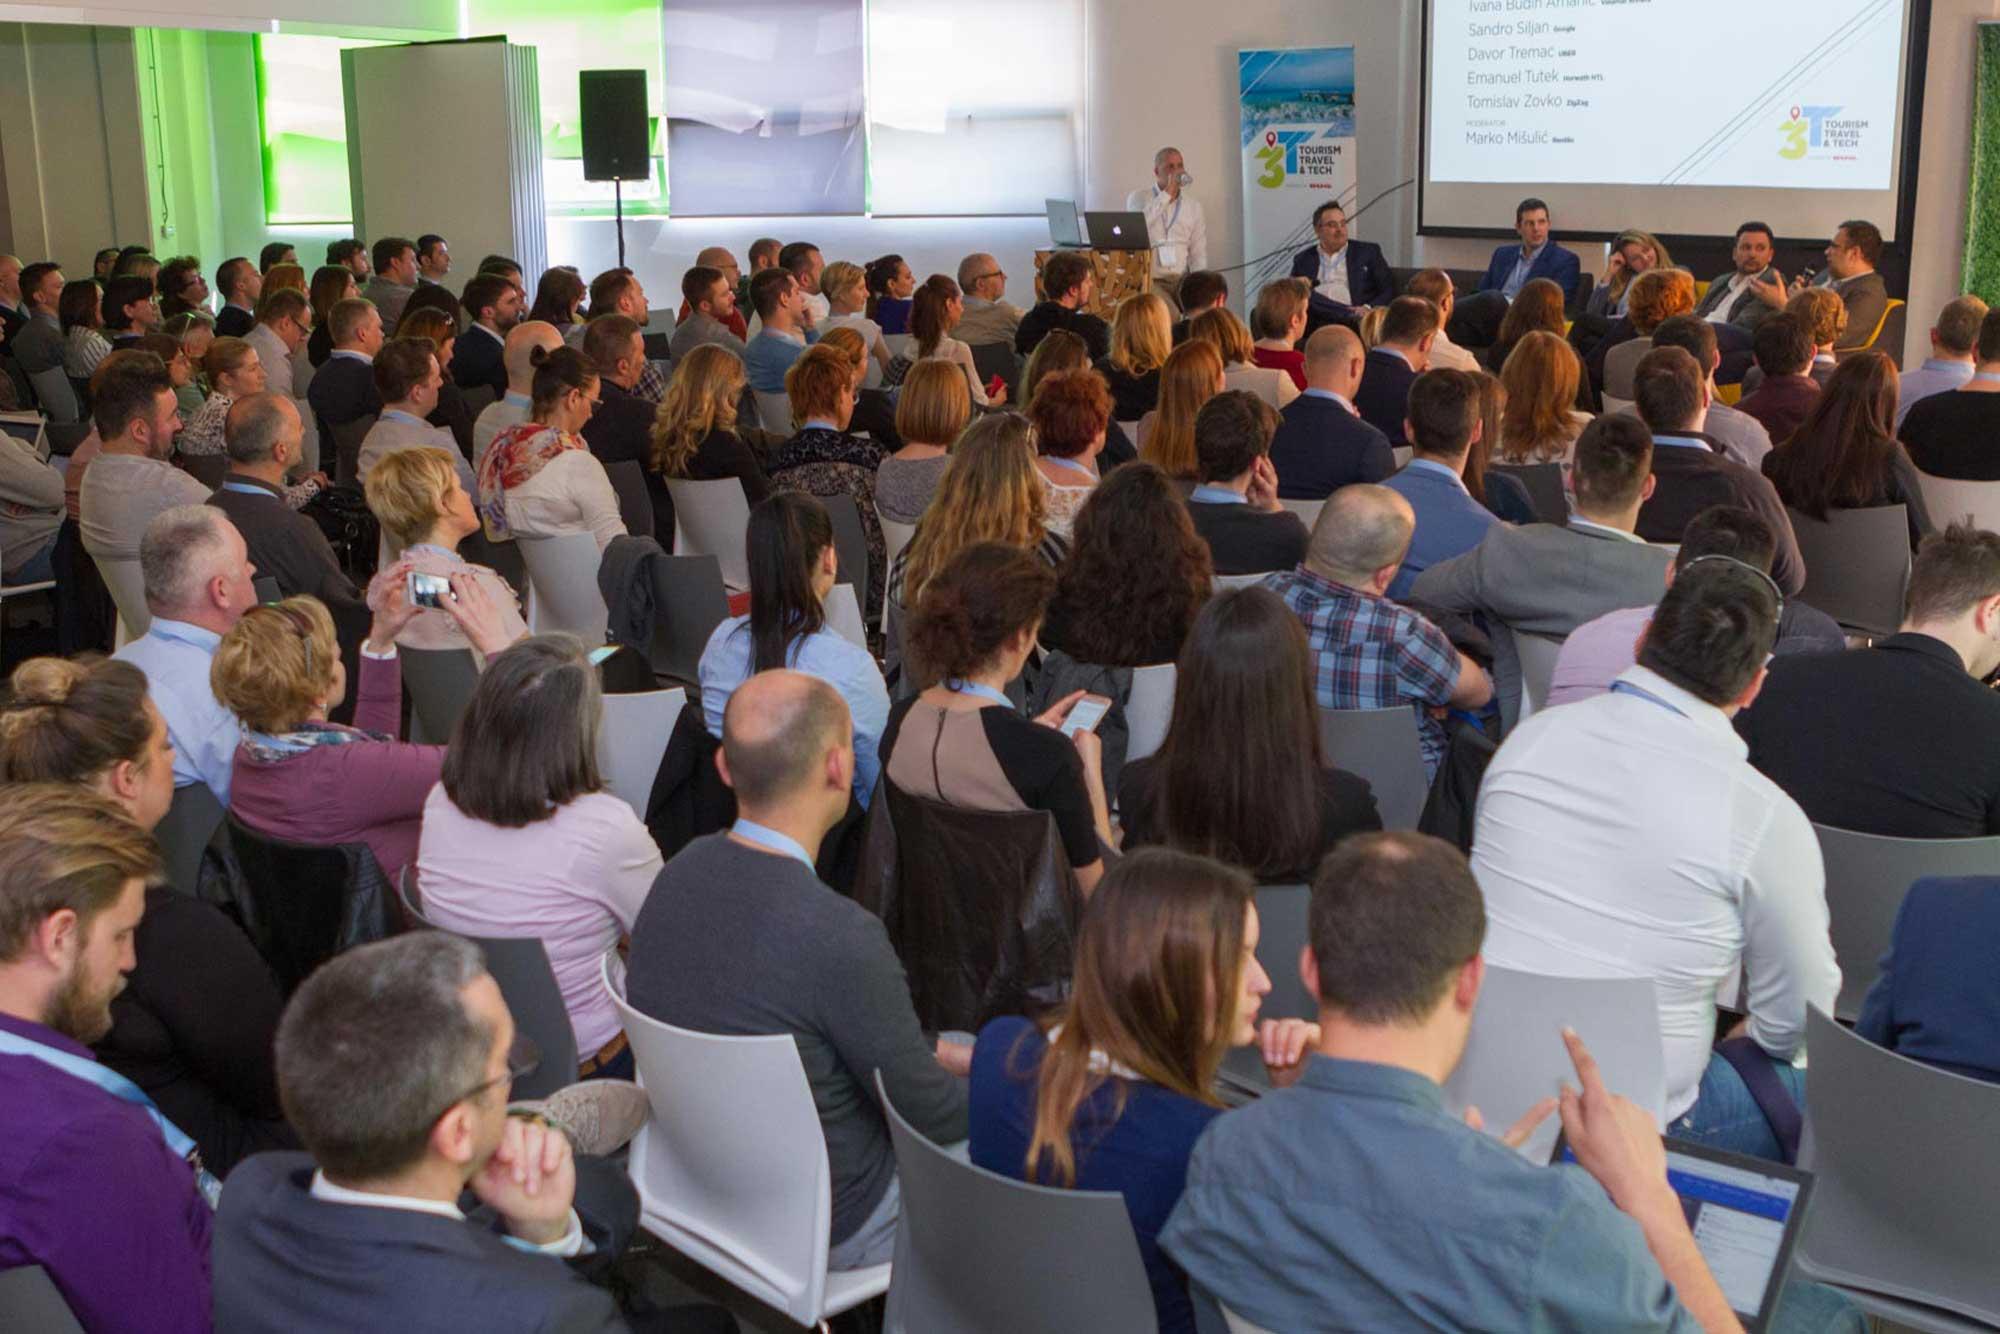 3T - Tourism, Travel & Tech: Drugo izdanje konferencije o tehnološkim inovacijama u turizmu